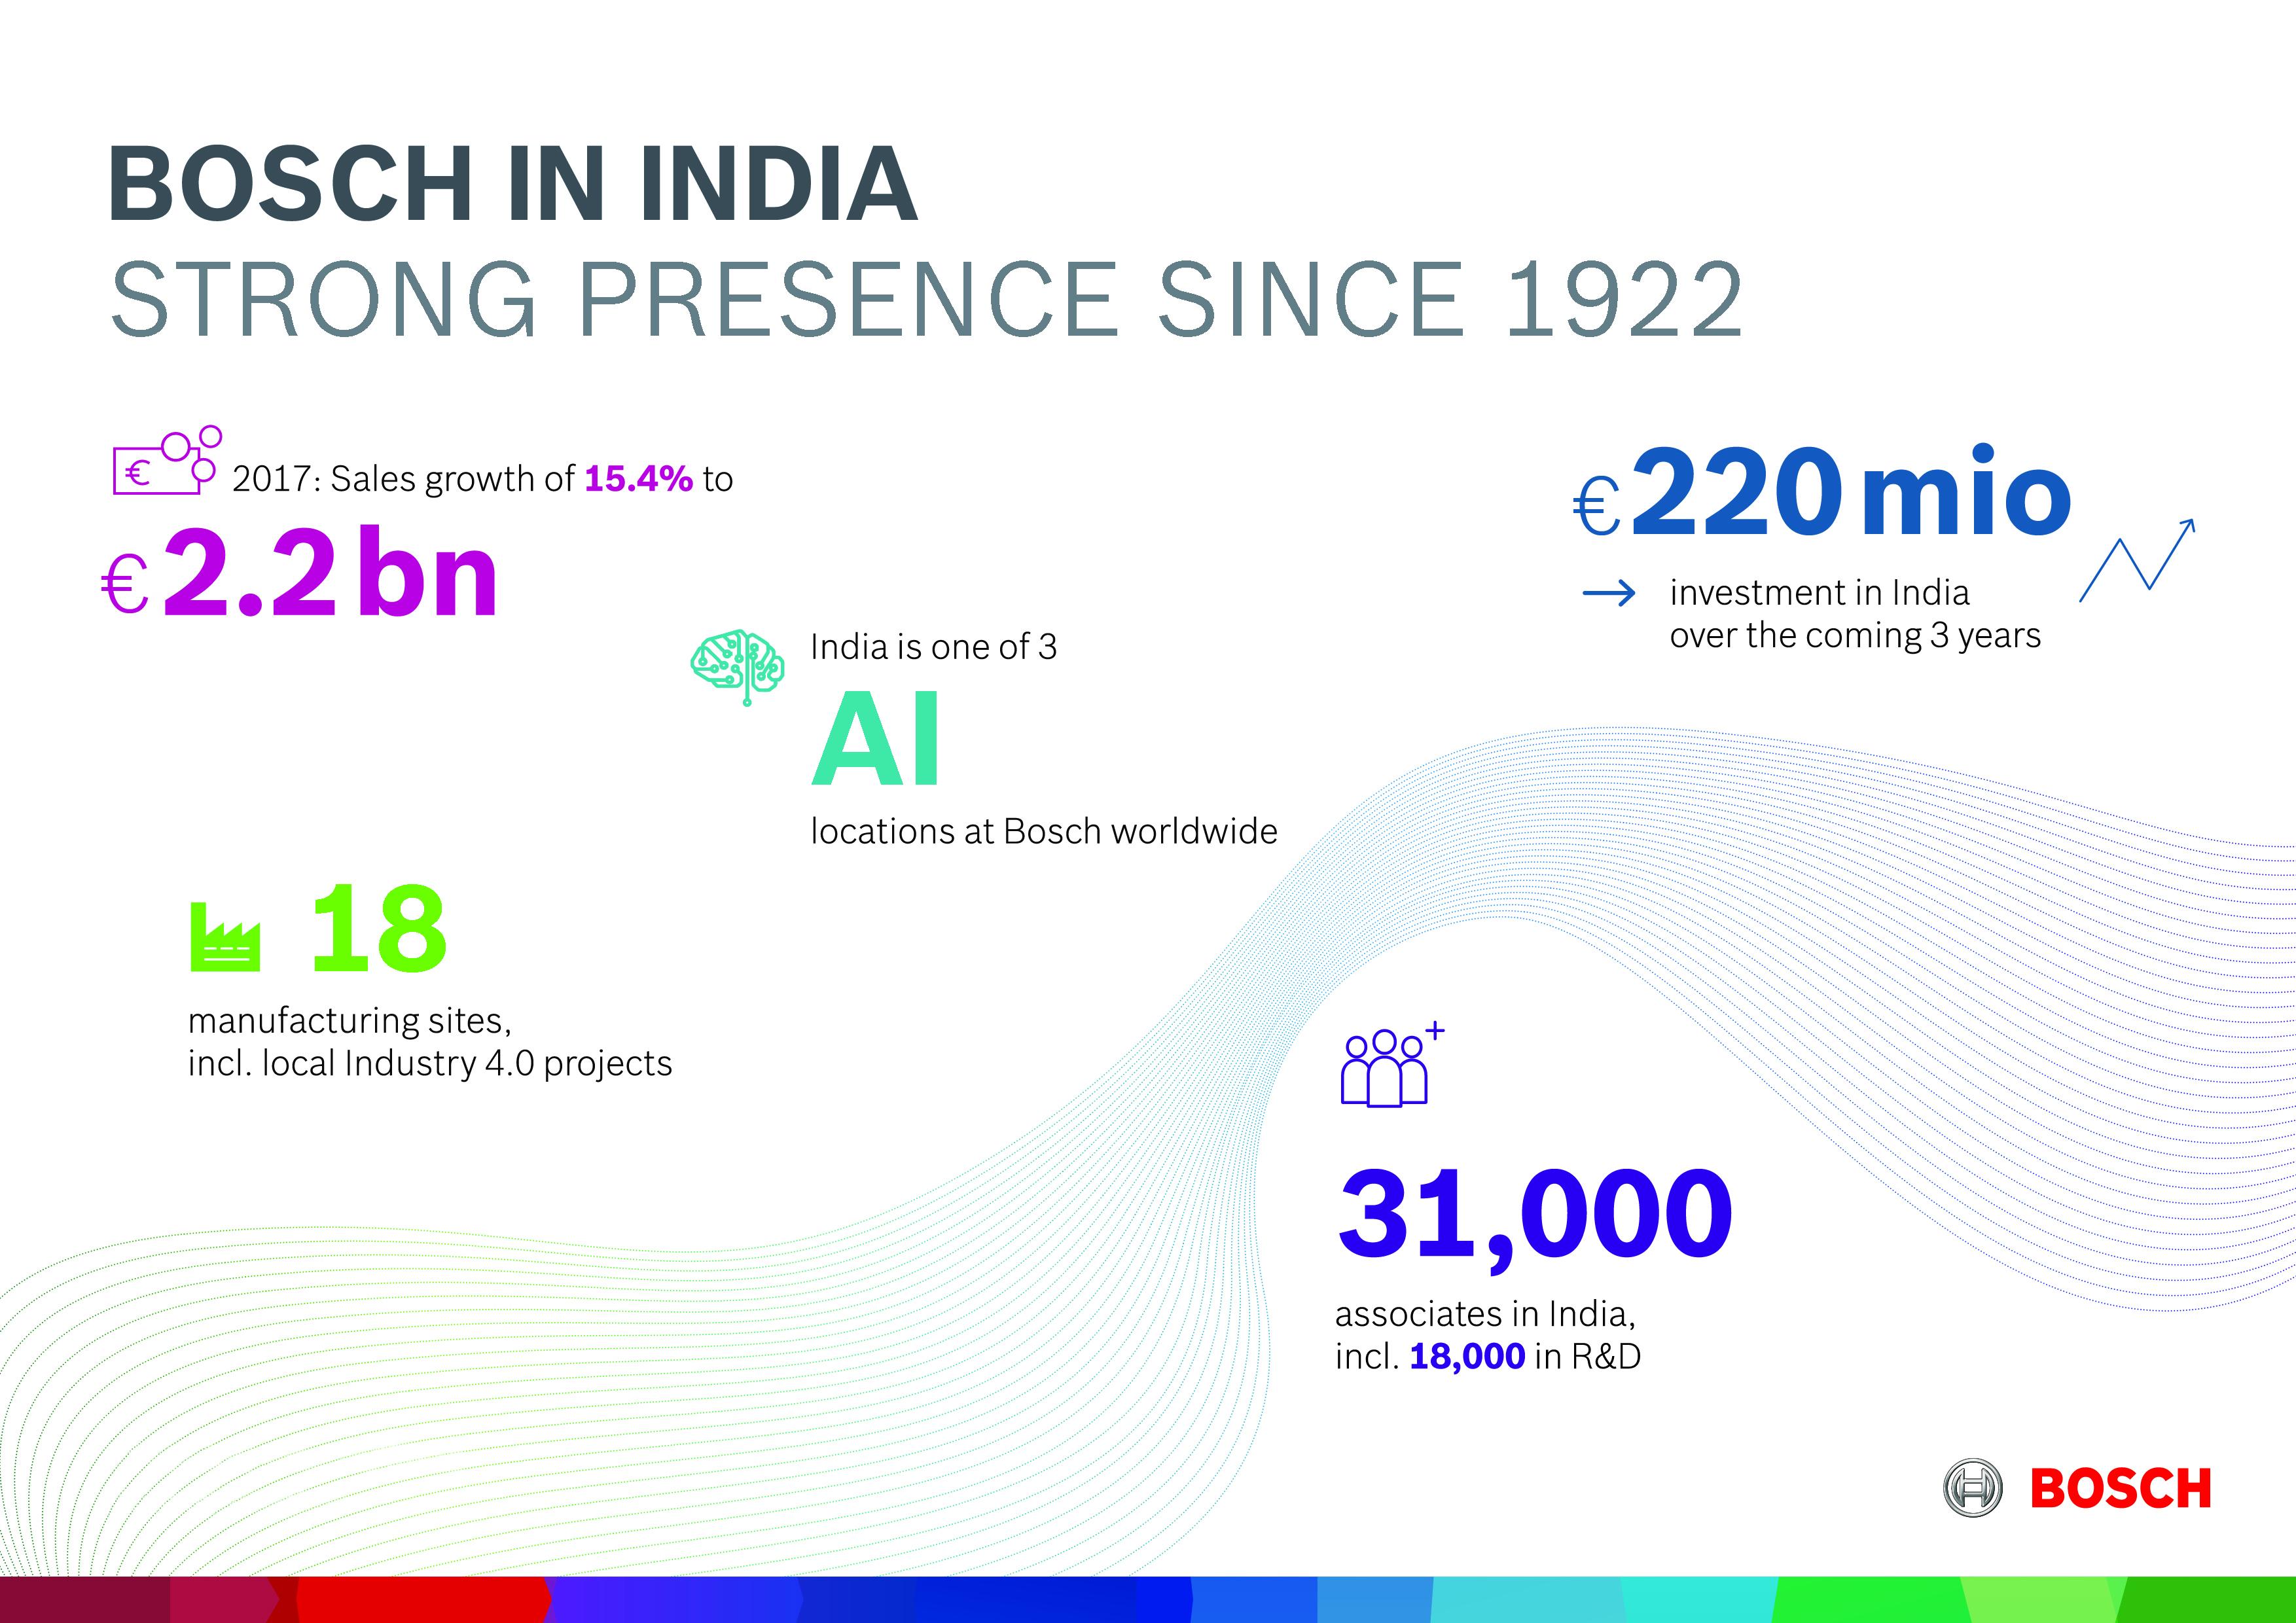 Highligts Bosch India